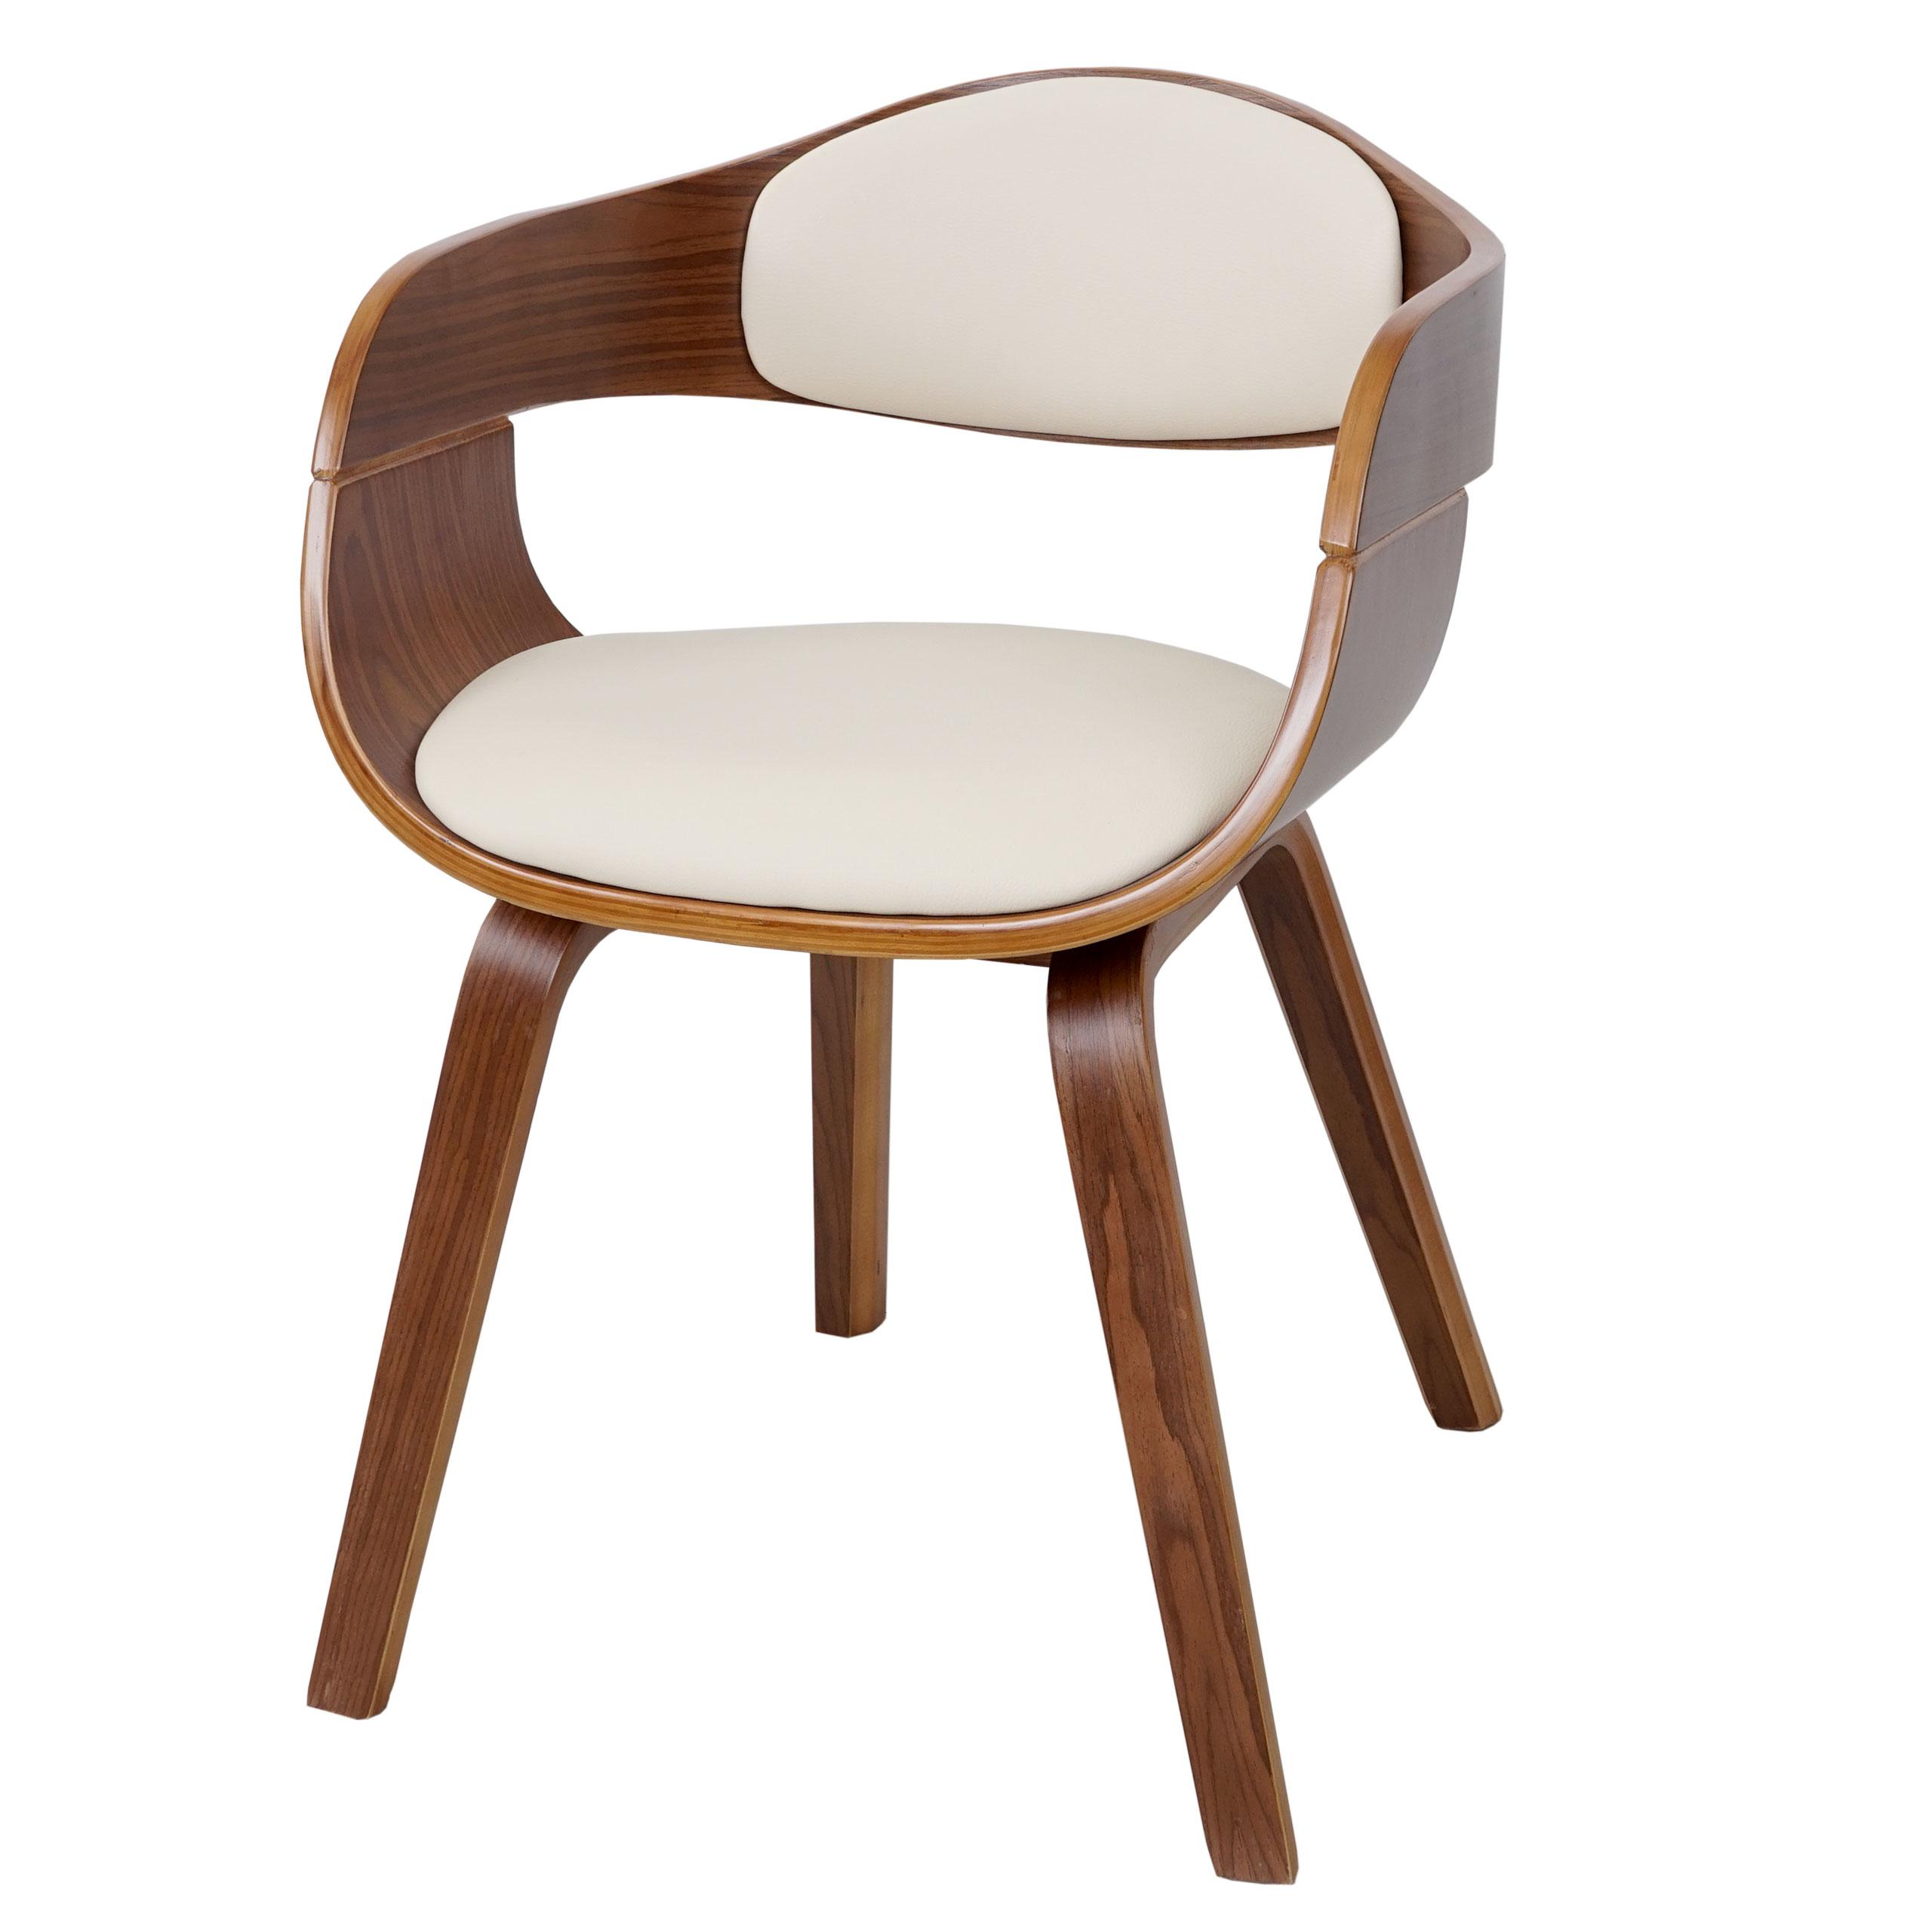 Sedia hwc a47 design elegante legno faggio ecopelle avorio for Sedia design legno